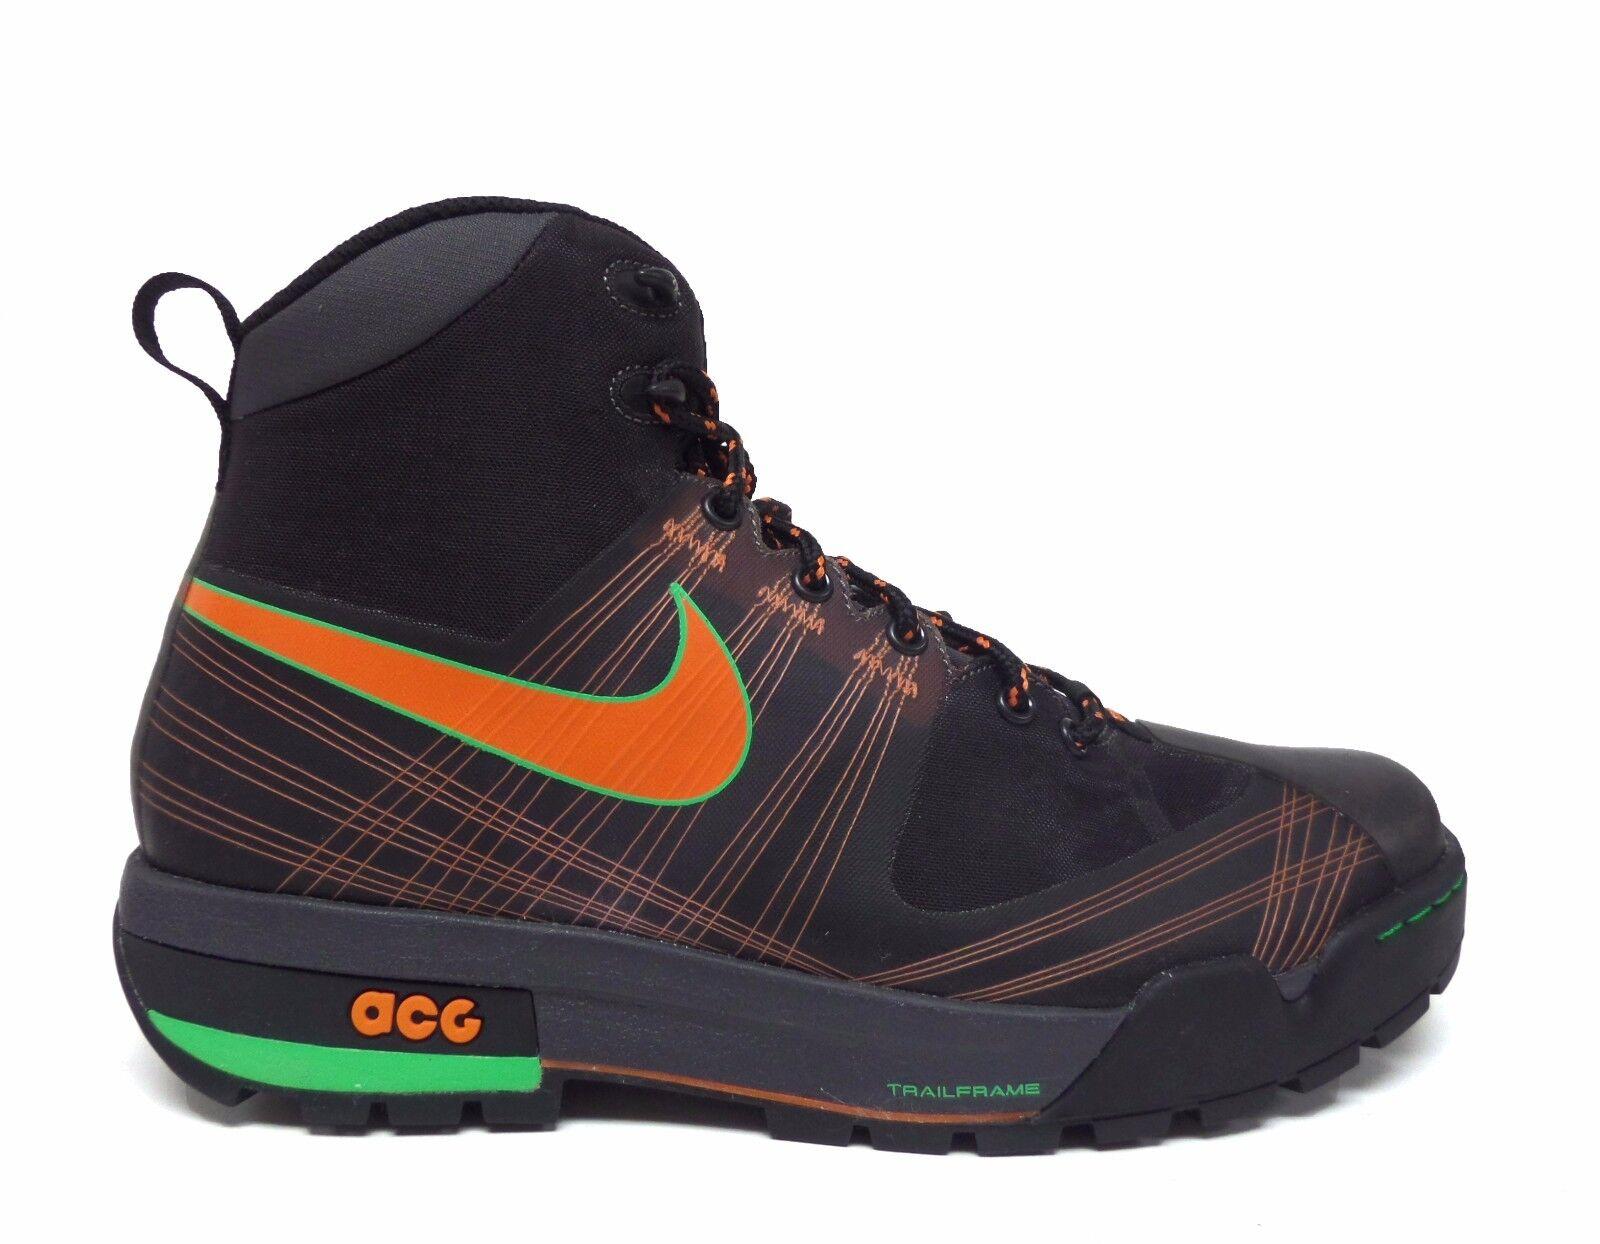 Nike uomini antracite zoom ashiko acg stivali antracite uomini / arancione / green scintilla 375726-081 a7 a6294b